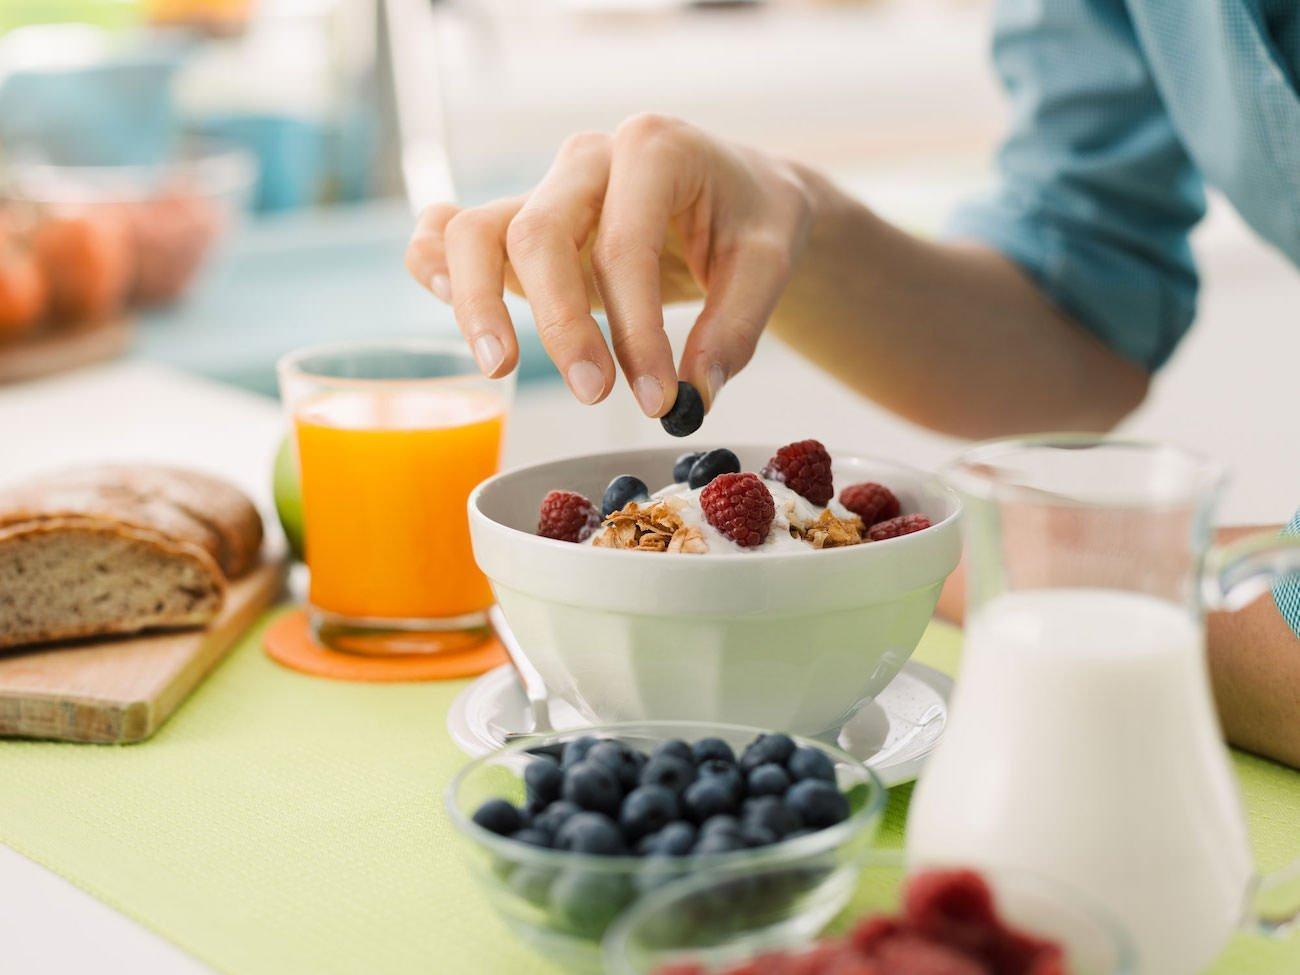 Fare colazione aiuta a perdere peso